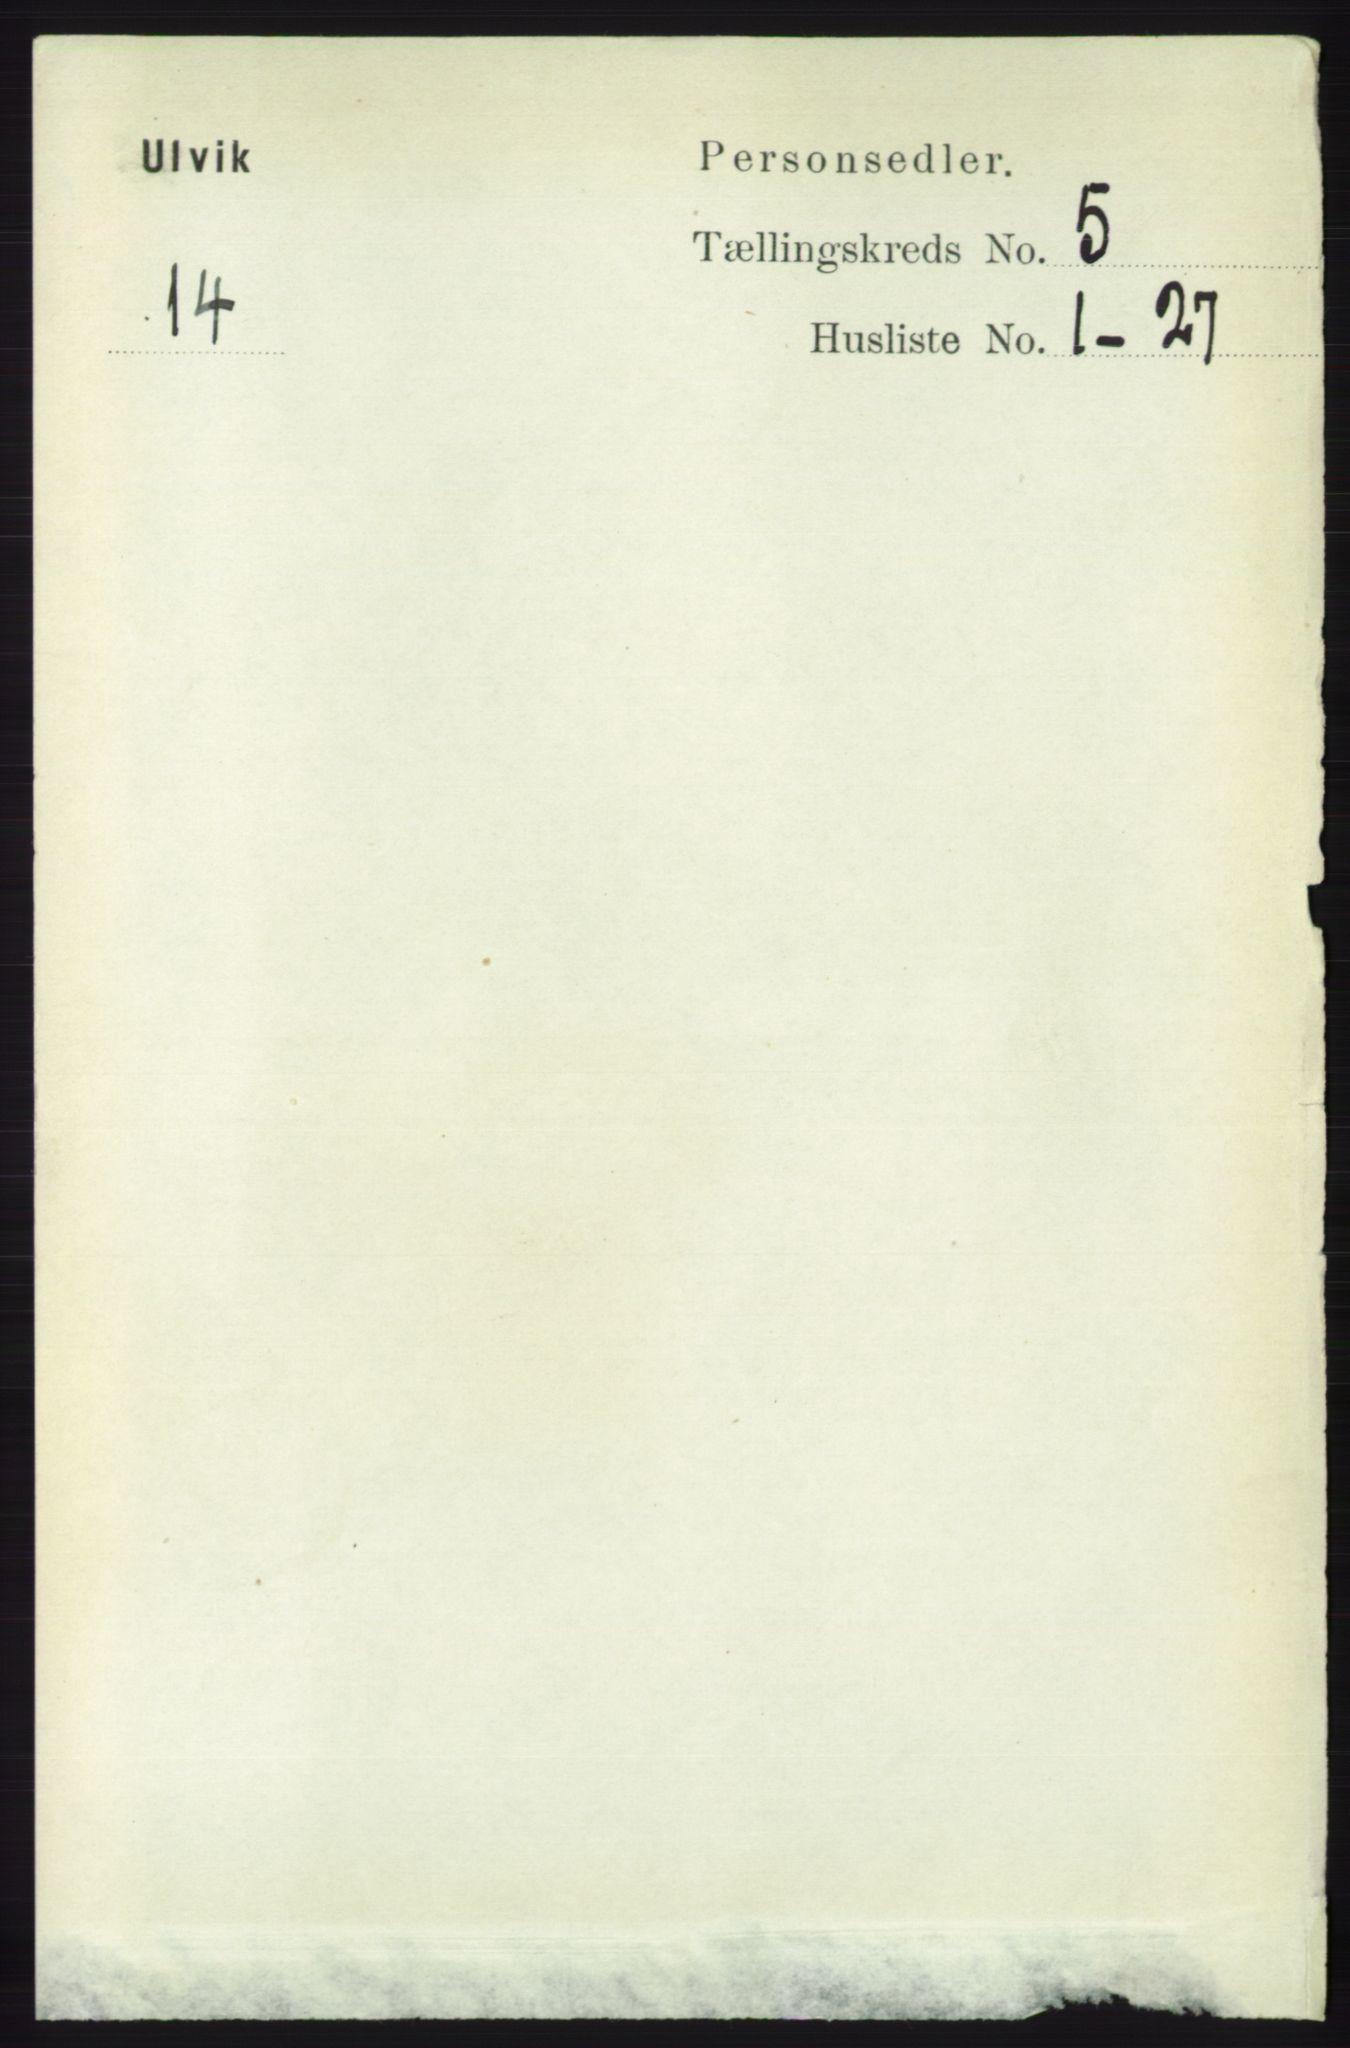 RA, Folketelling 1891 for 1233 Ulvik herred, 1891, s. 1401